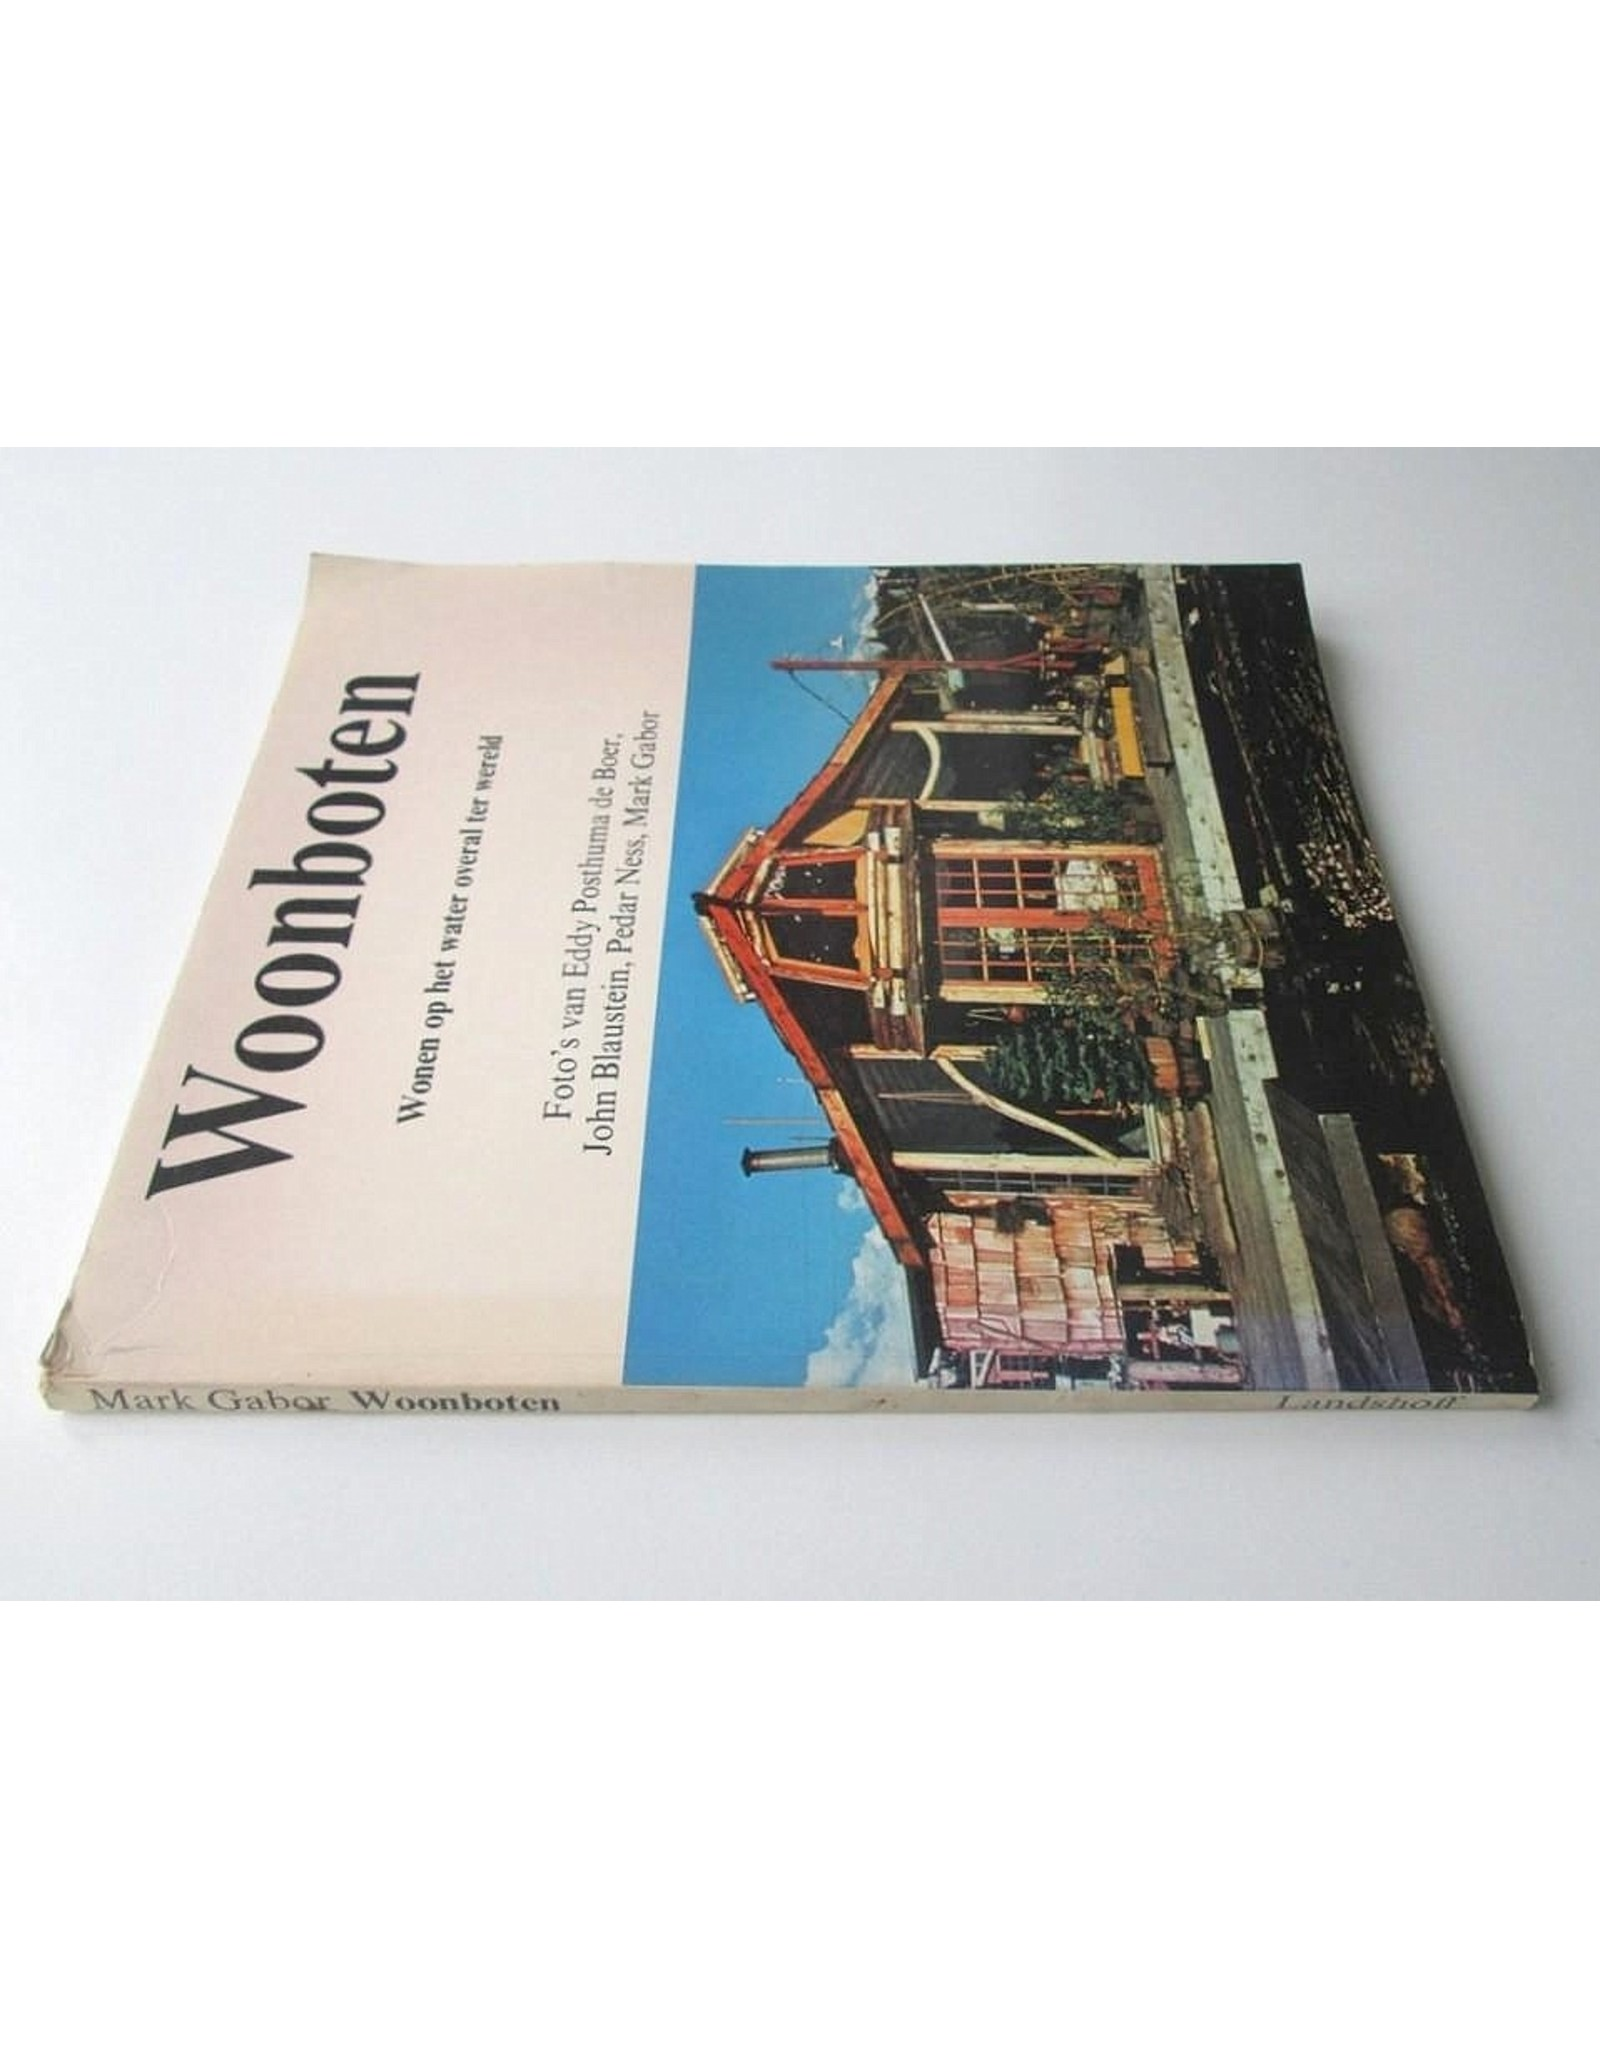 Mark Gabor - Woonboten. Wonen op het water overal ter wereld. Foto's van Eddy Posthuma de Boer, John Blaustein, Pedar Ness, Mark Gabor